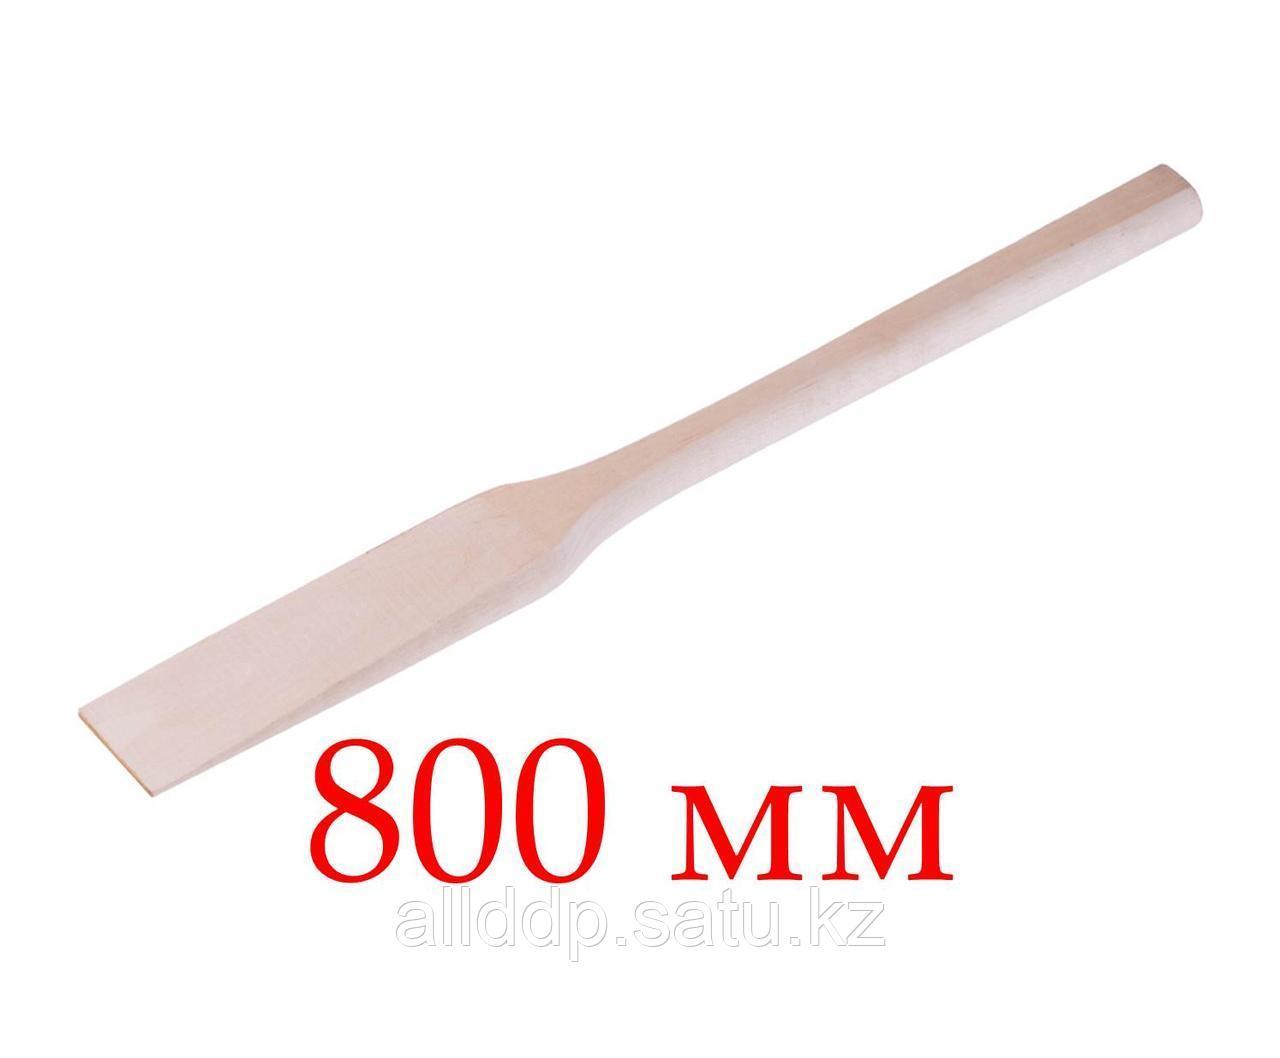 Веселка кухонная, деревянная, 800 мм